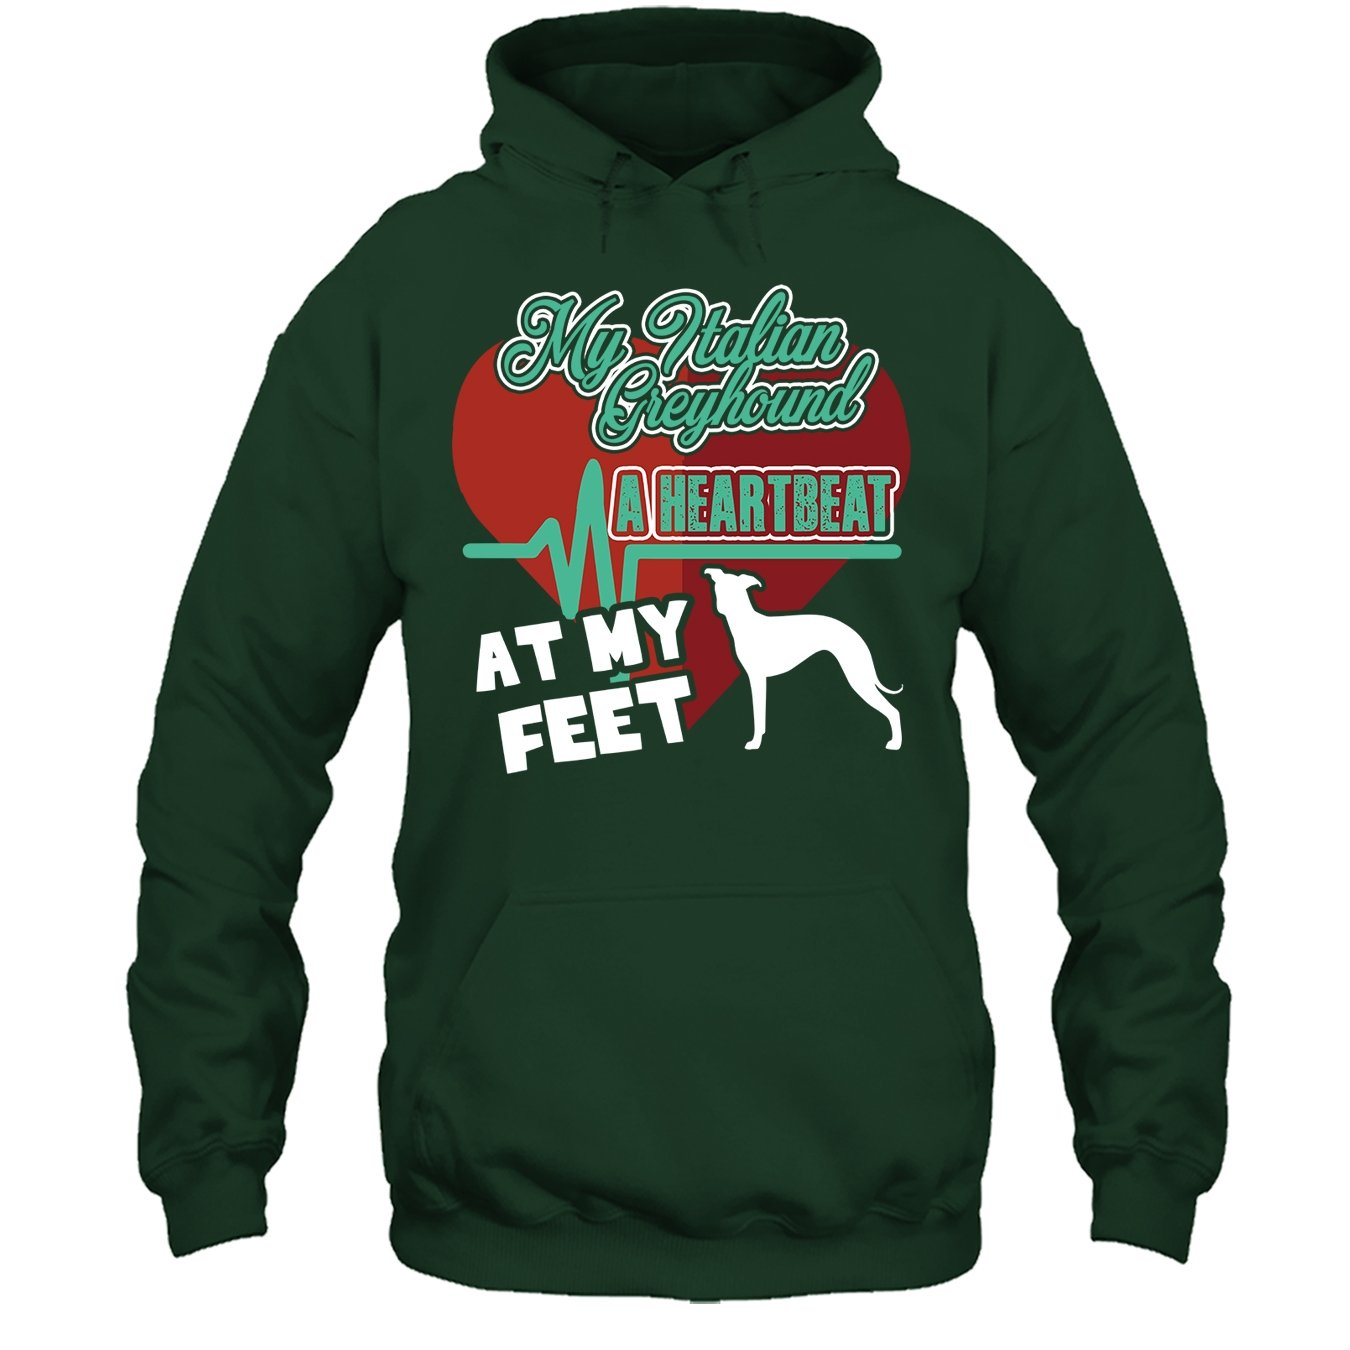 My Italian Greyhound A Heartbeat T Shirt Italian Greyhound Tshirt Design